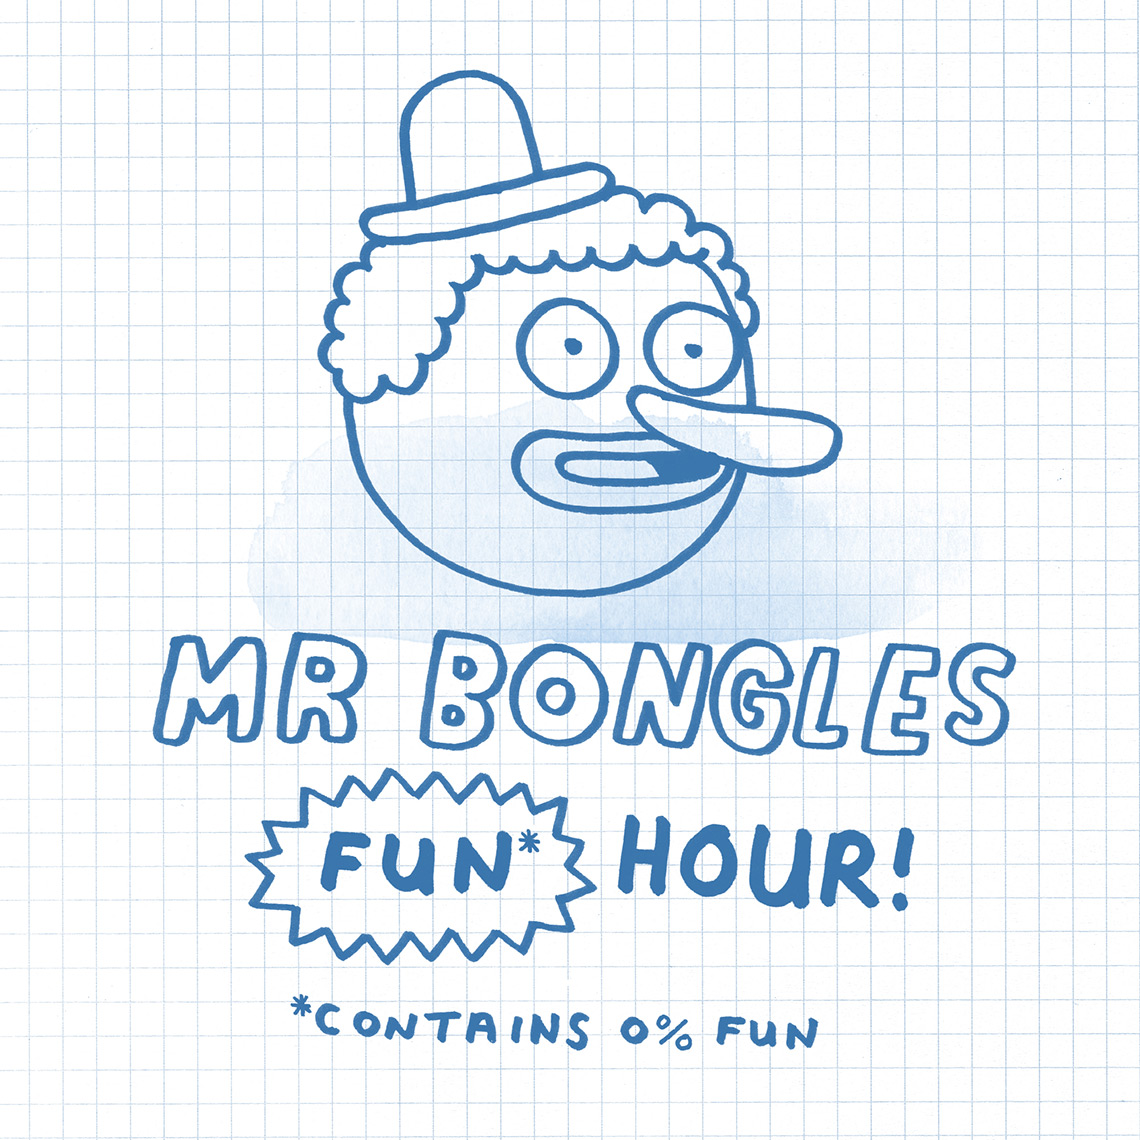 Sketch_Bongles.jpg